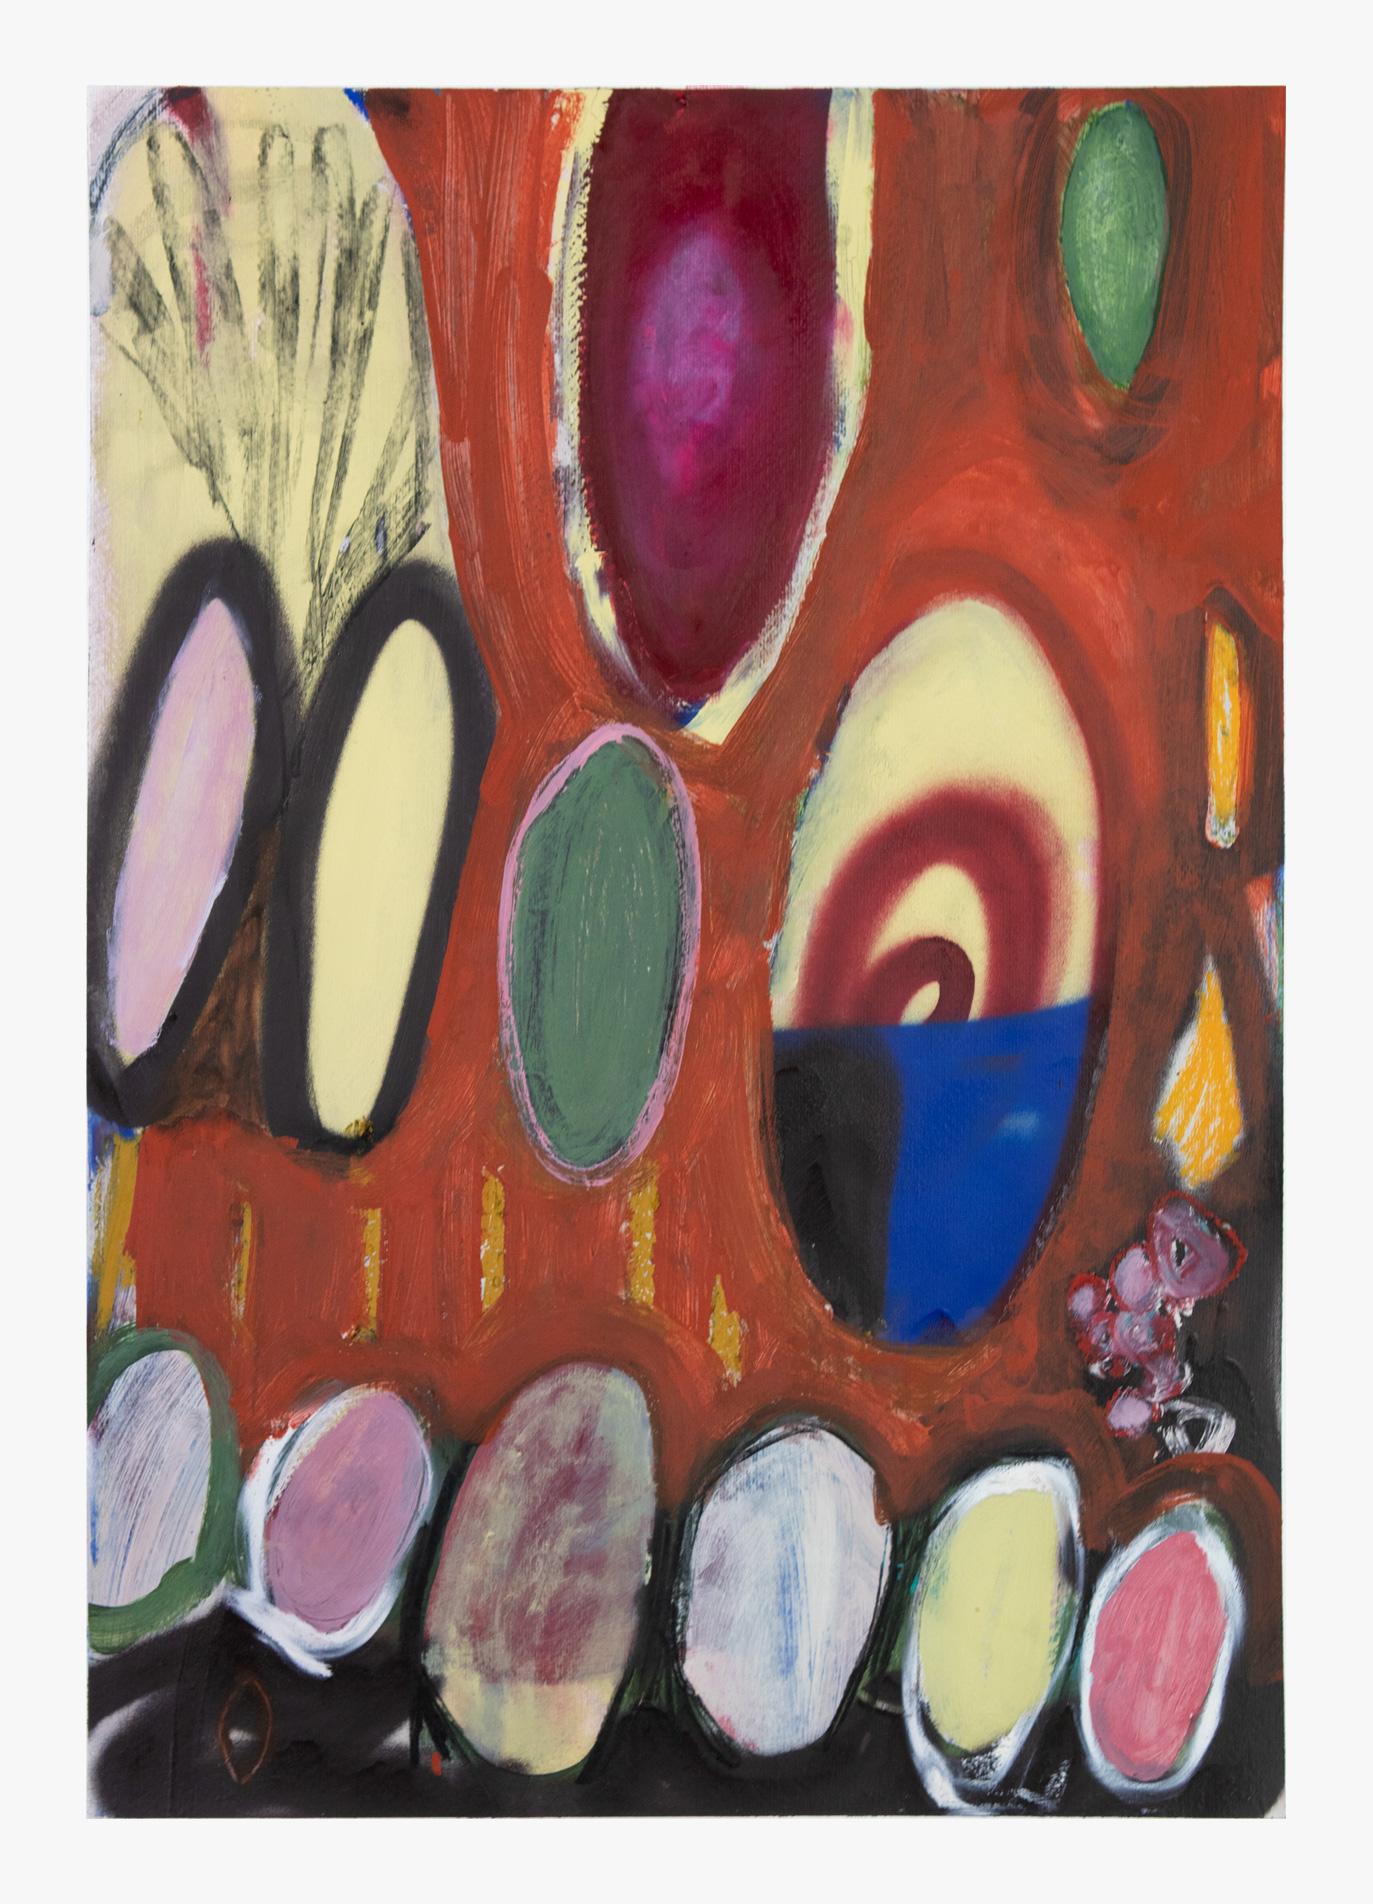 ayahuasca-daime-art